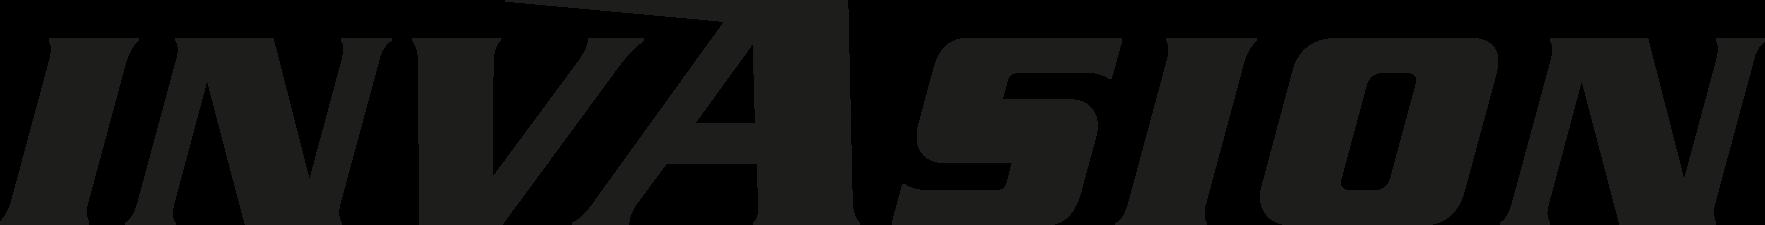 INVASION Veranstaltungstechnik GmbH